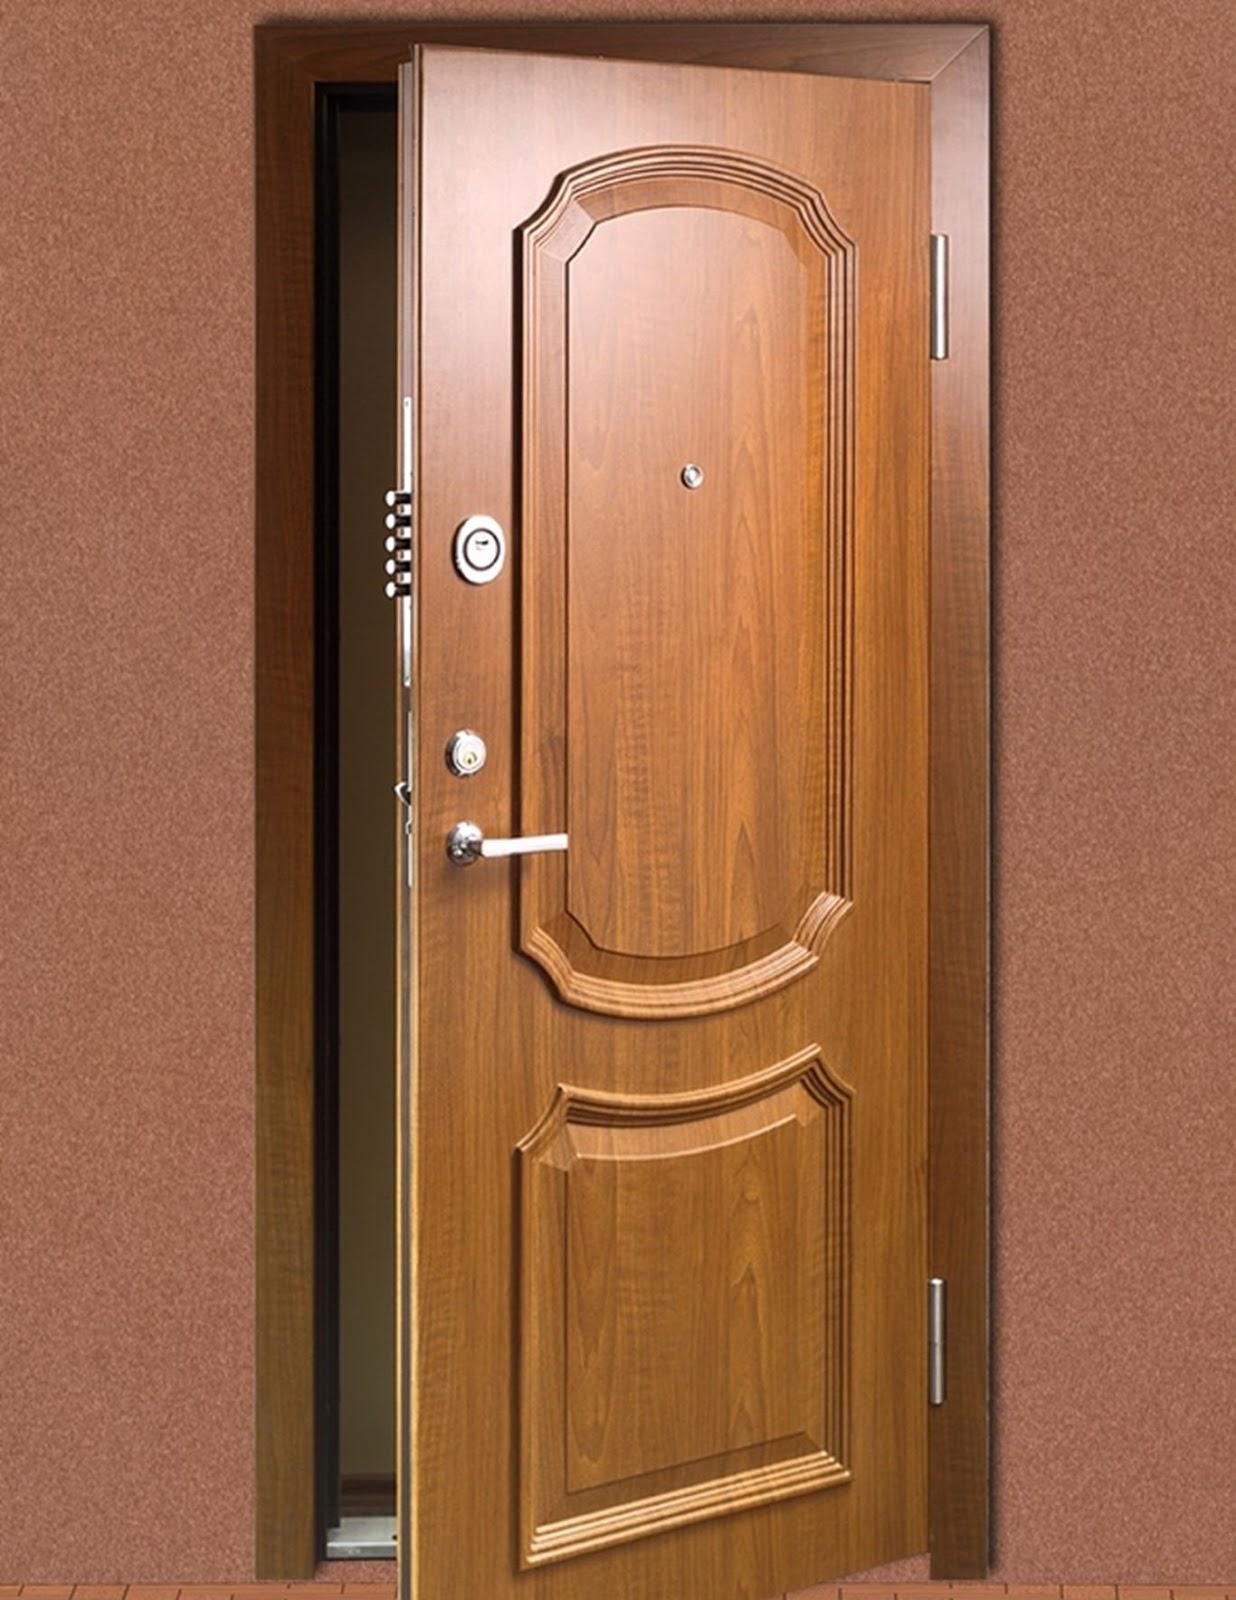 Security Doors For Homes : Security doors home door photos